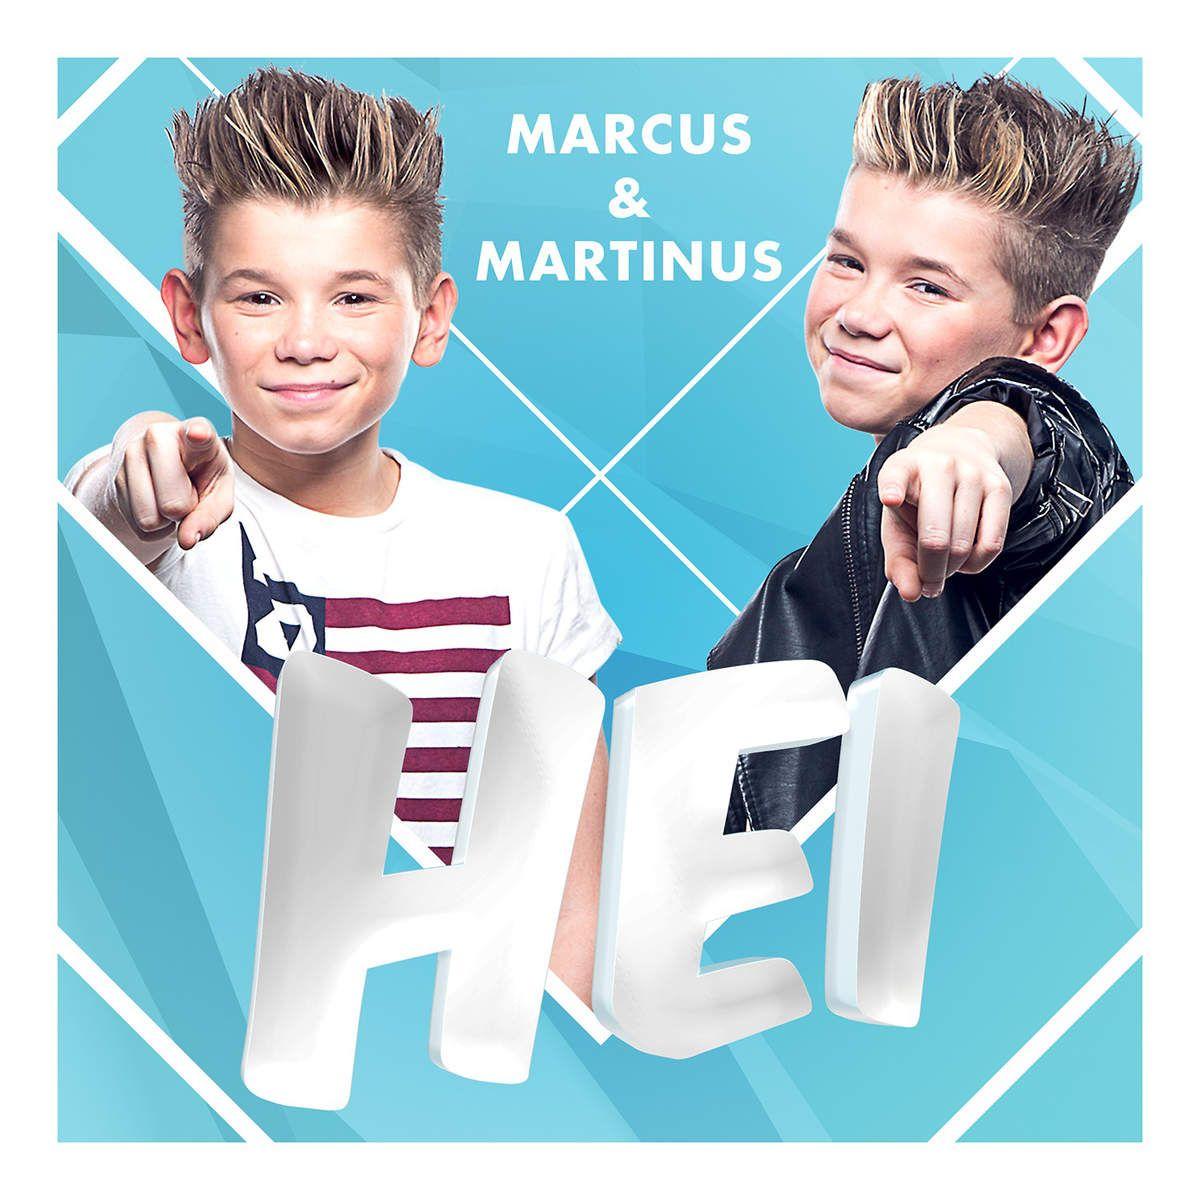 Marcus & Martinus - Hei album cover